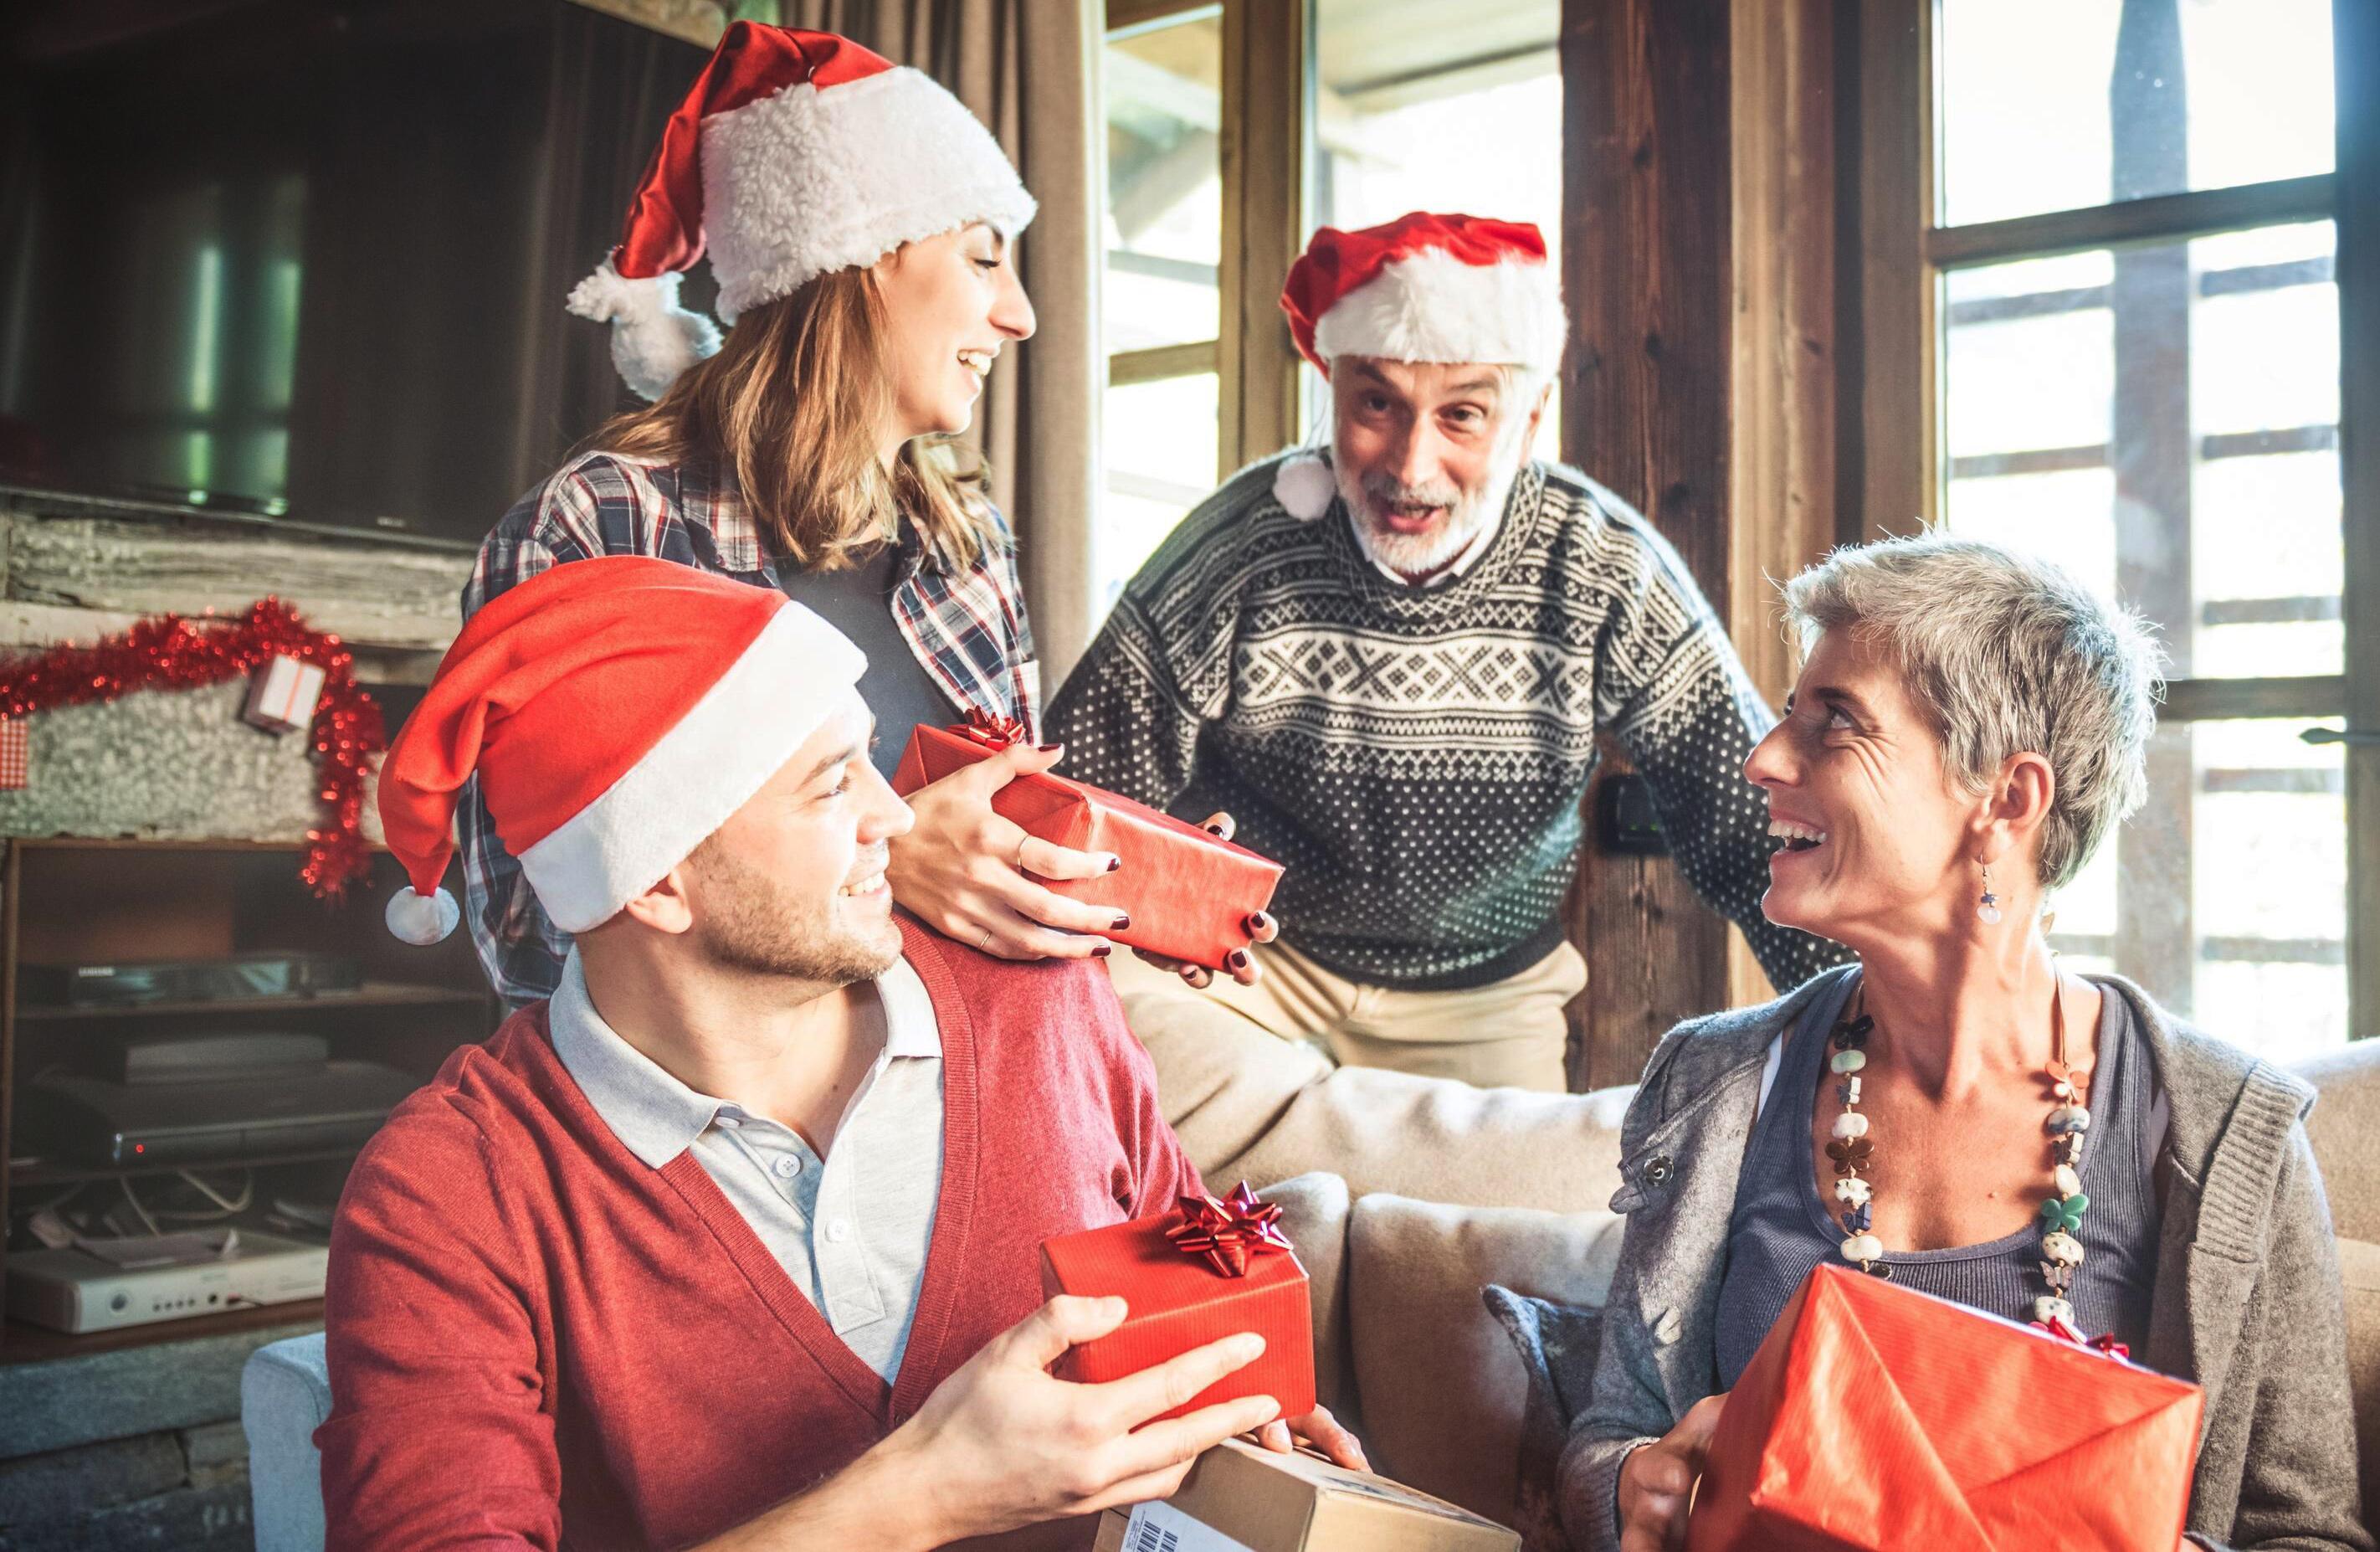 Bild zu geschenke, weihnachtsgeschenke, schwiegereltern, weihnachten, advent, krimidinner, weinverkostung